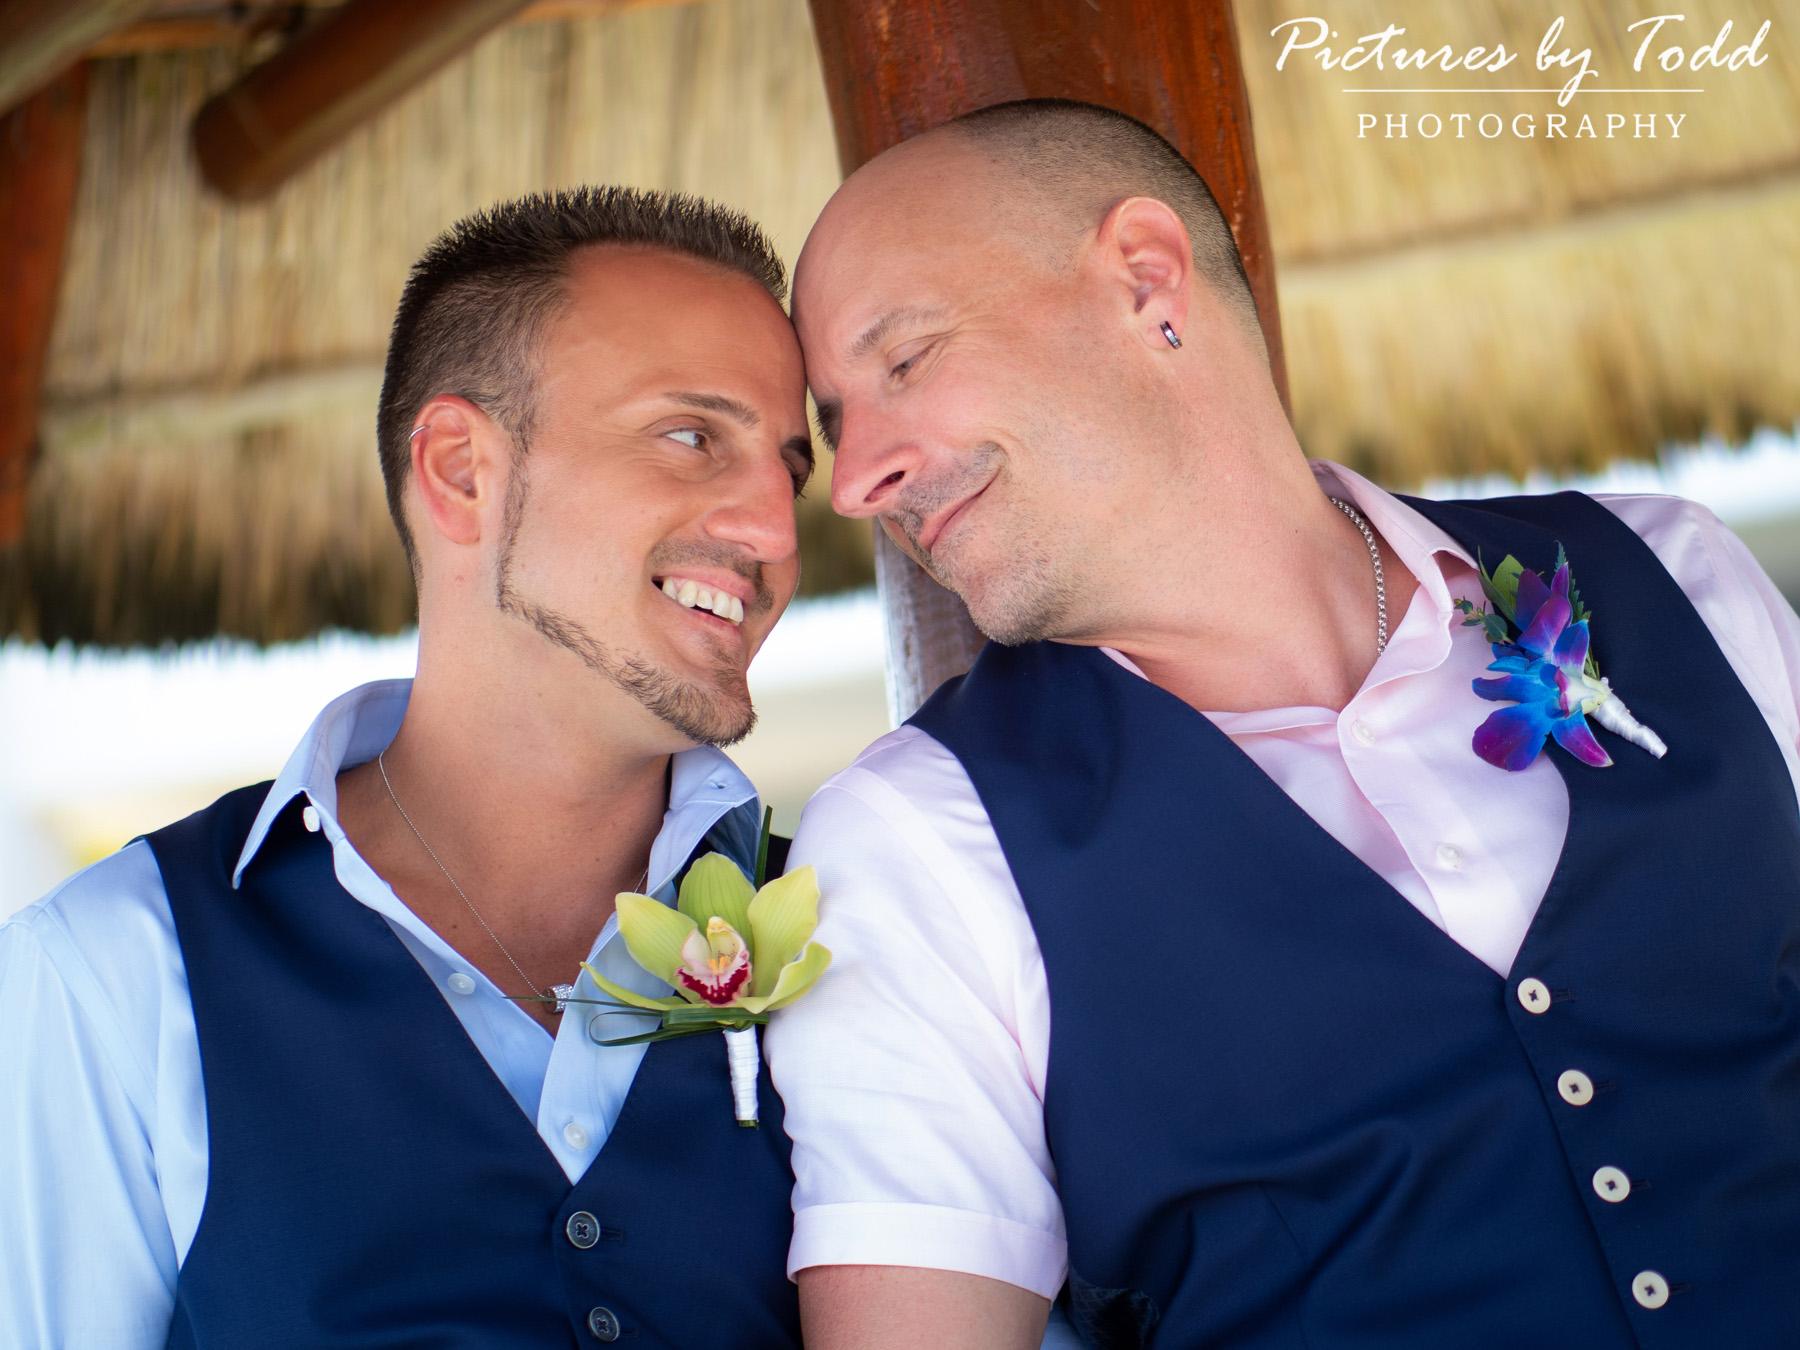 Vito & Bill's | Riviera Maya Mexico Wedding